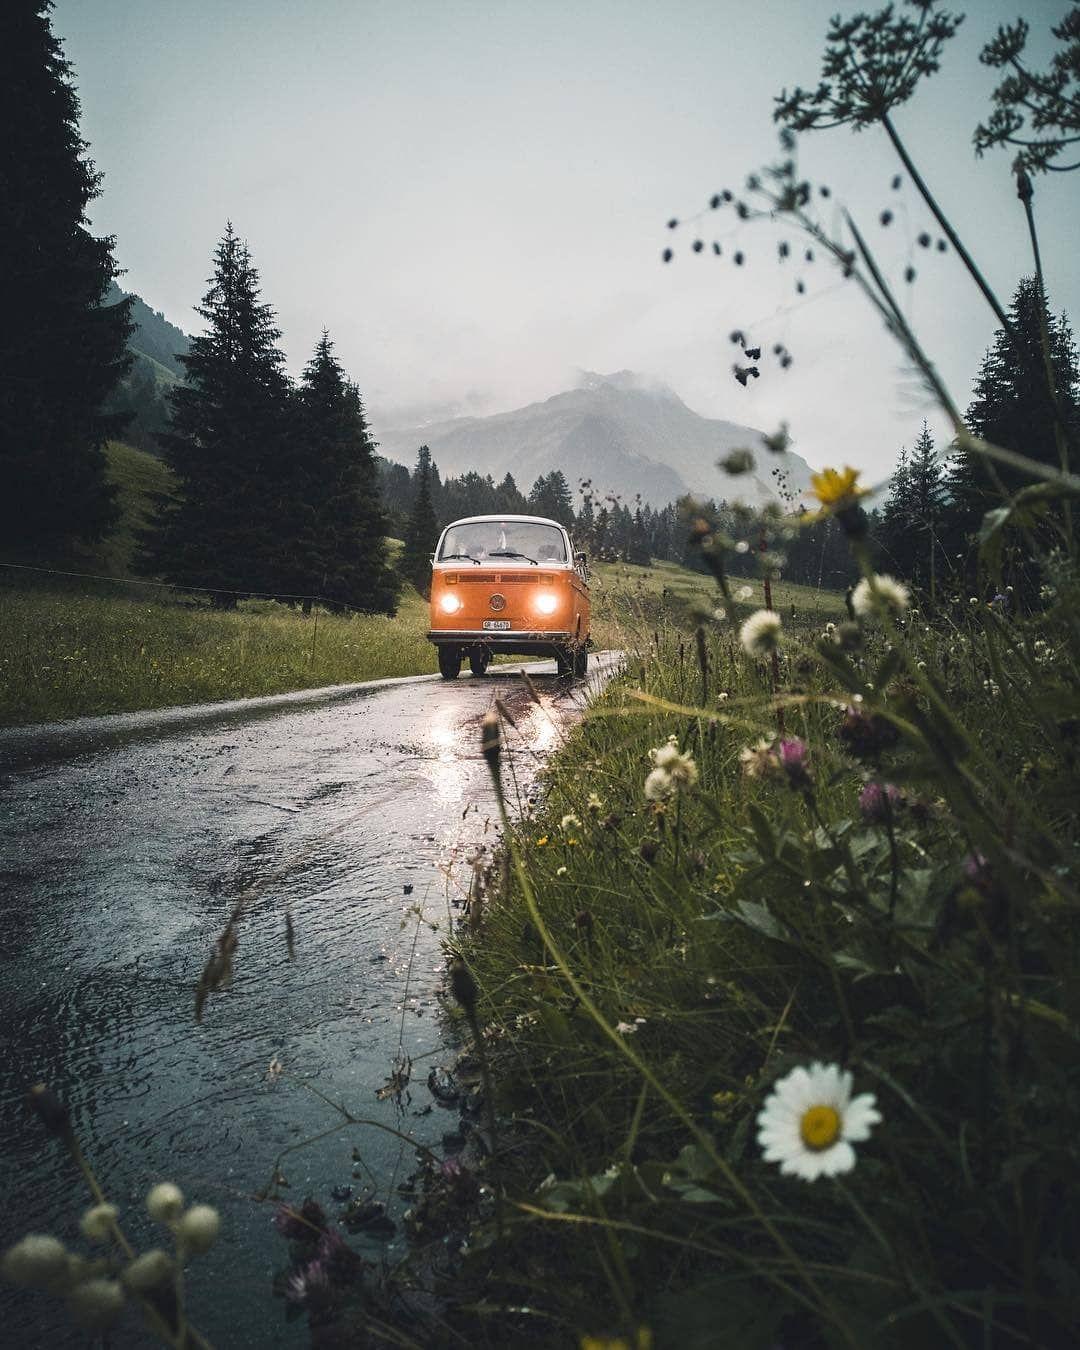 C'est L'incertitude Qui Nous Charme. Tout Devient Merveilleux Dans La Brume : c'est, l'incertitude, charme., devient, merveilleux, brume, C'est, L'incertitude, Charme., Devient, Merveilleux, Brume., Oscar, Wilde., Regram, @kitkat_ch, Com…, Snowy, Weather,, Wonderful, Places,